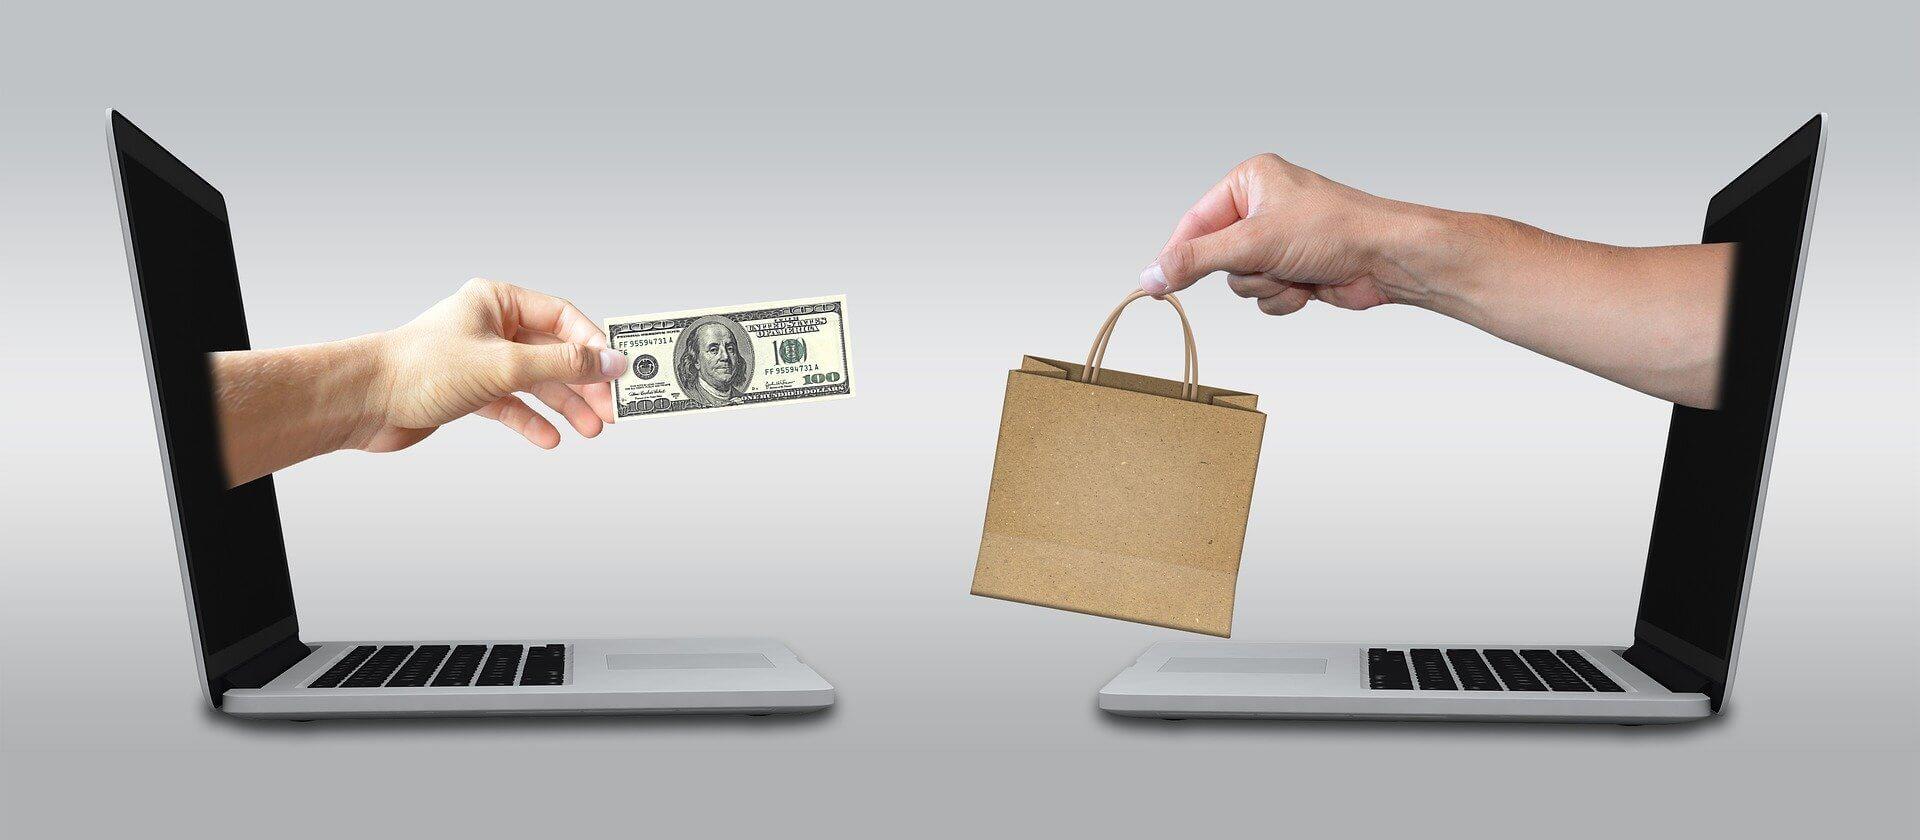 حقوق تجارت الکترونیکی چیست؟